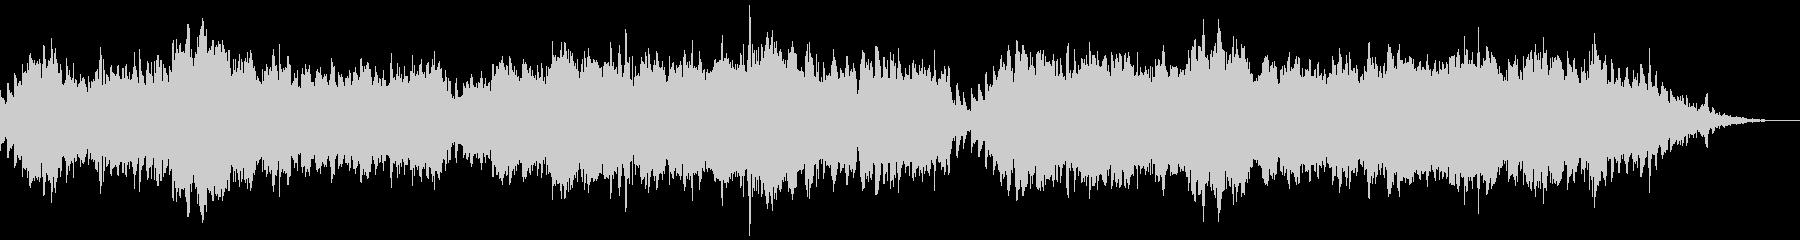 穏やかなチェロのリラクゼーション風BGMの未再生の波形